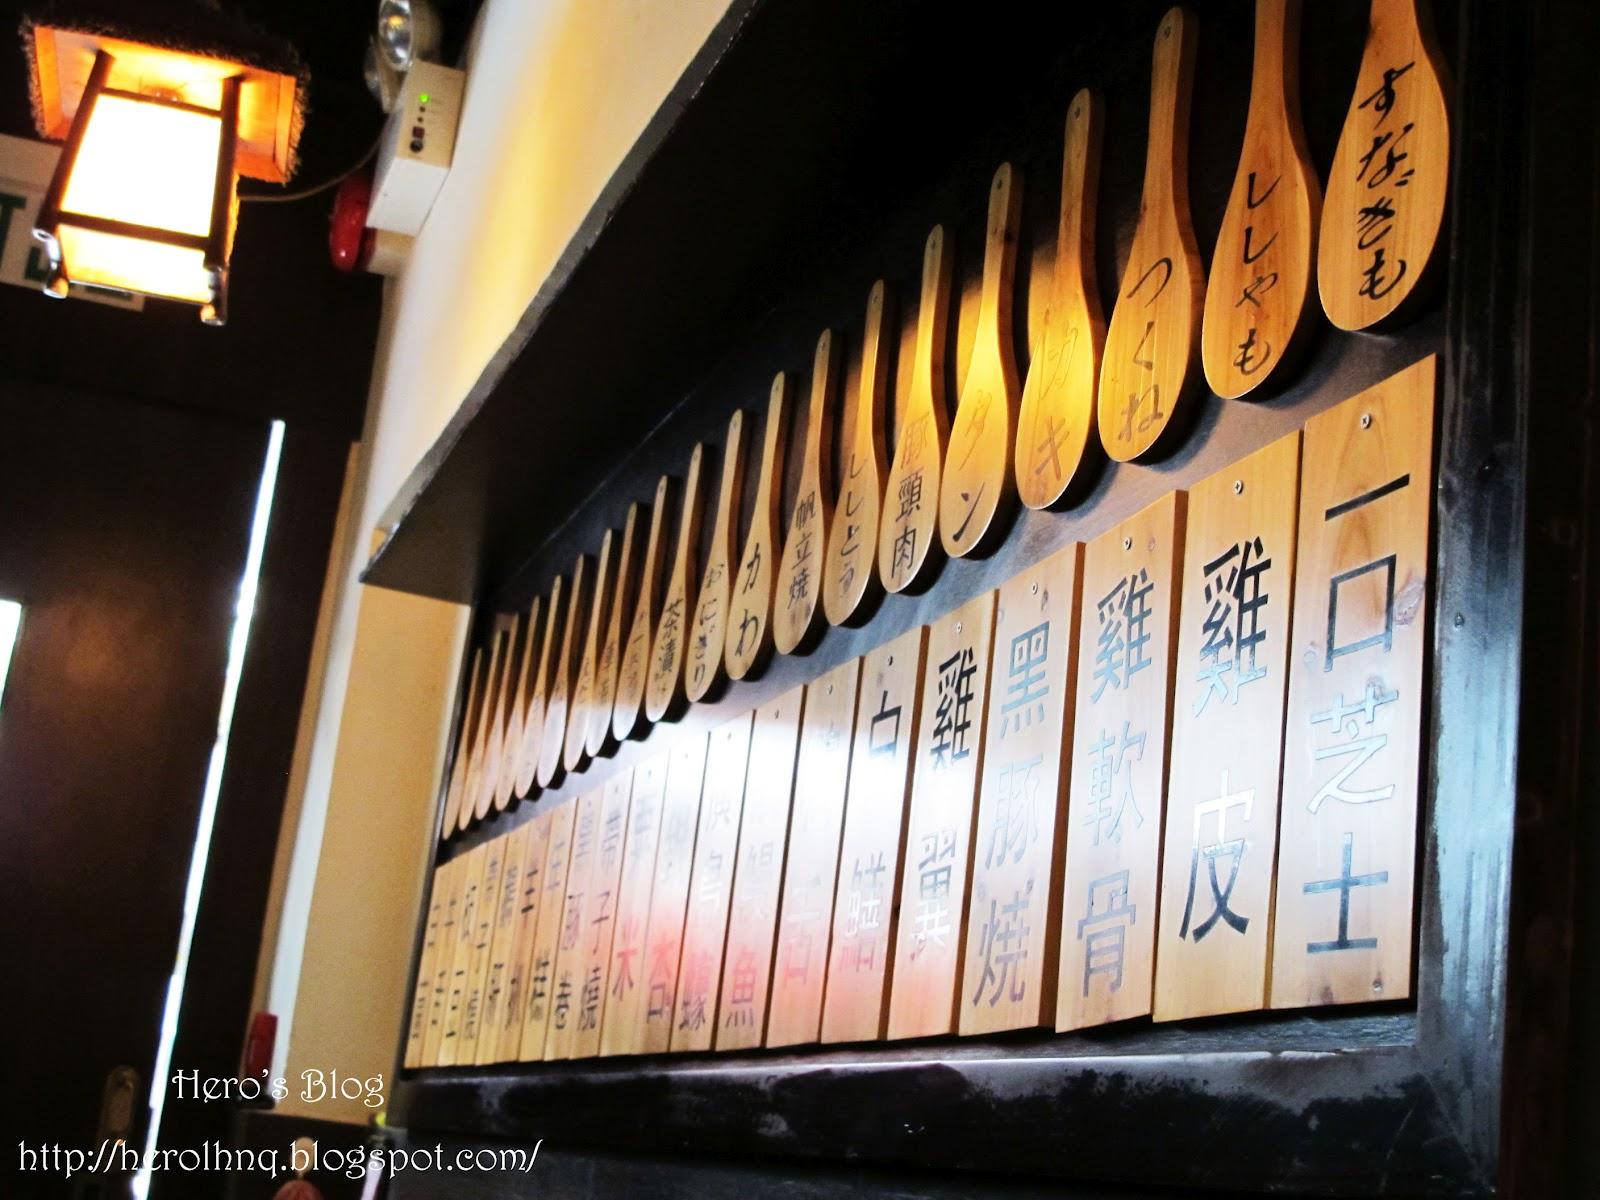 英雄生活旅 Hero's Blog: [香港]焱川:圖一個期待